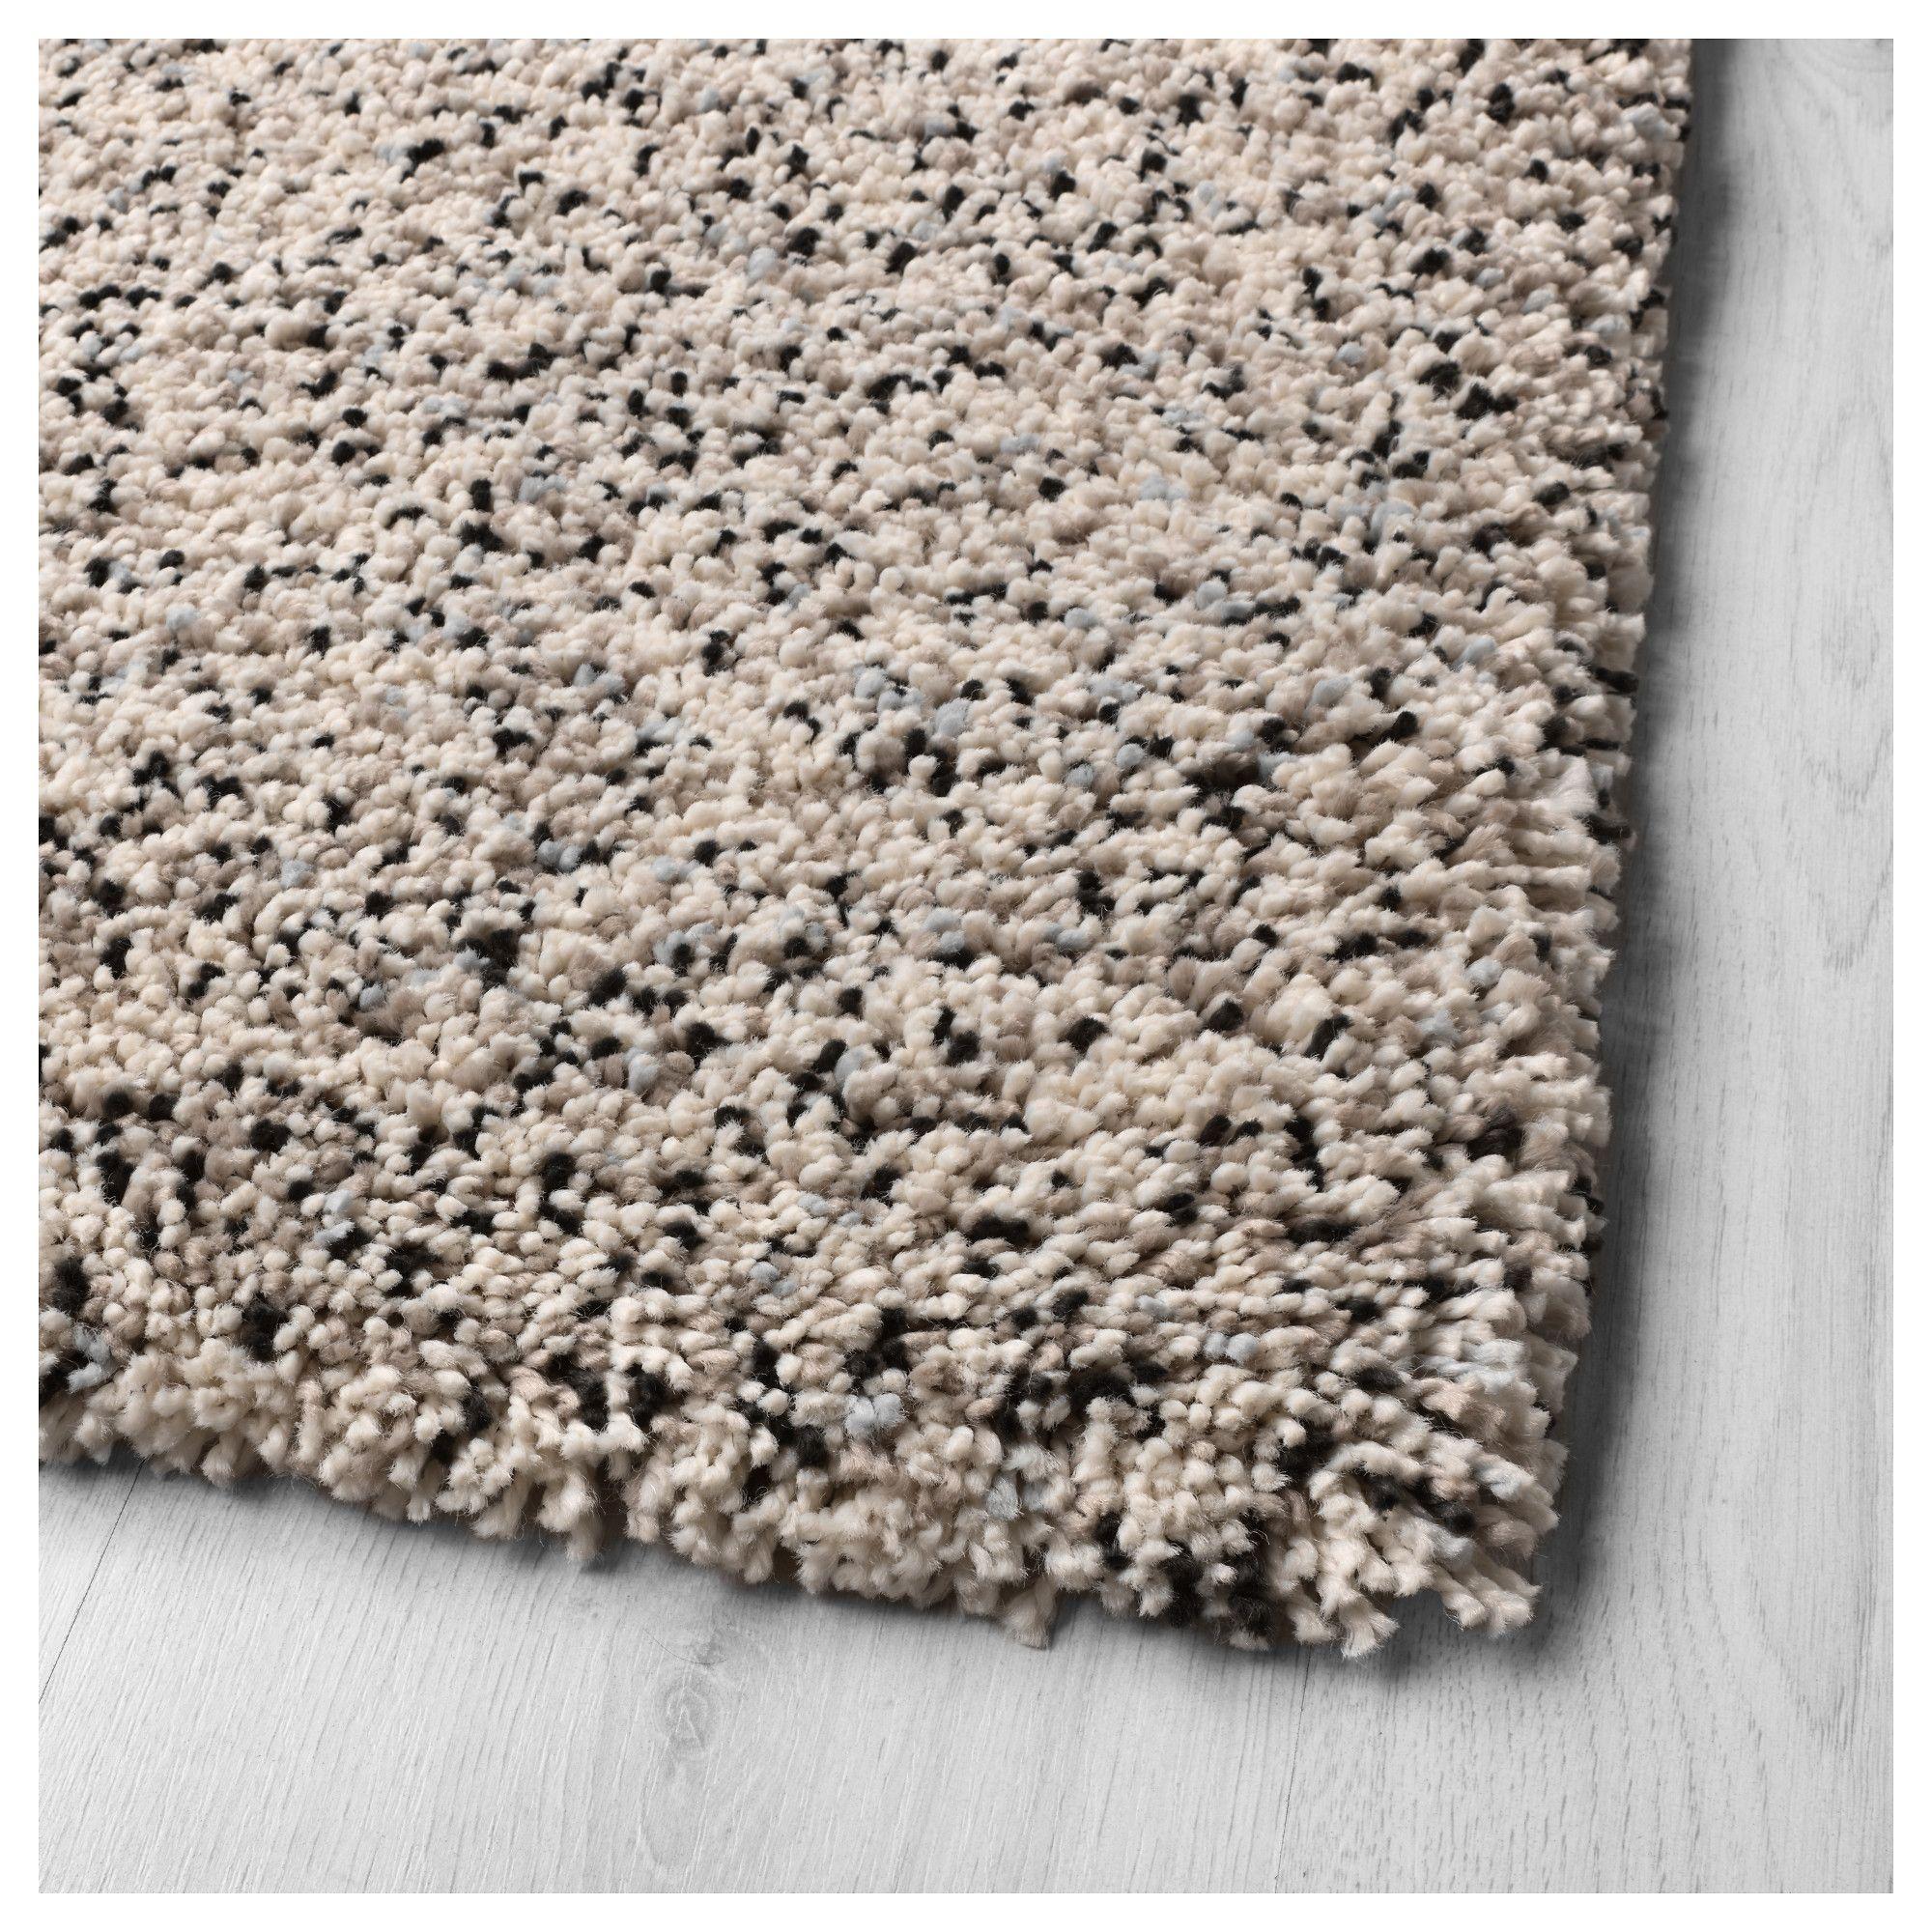 Vindum Rug High Pile White Ikea Buying Carpet Diy Carpet Round Carpet Living Room